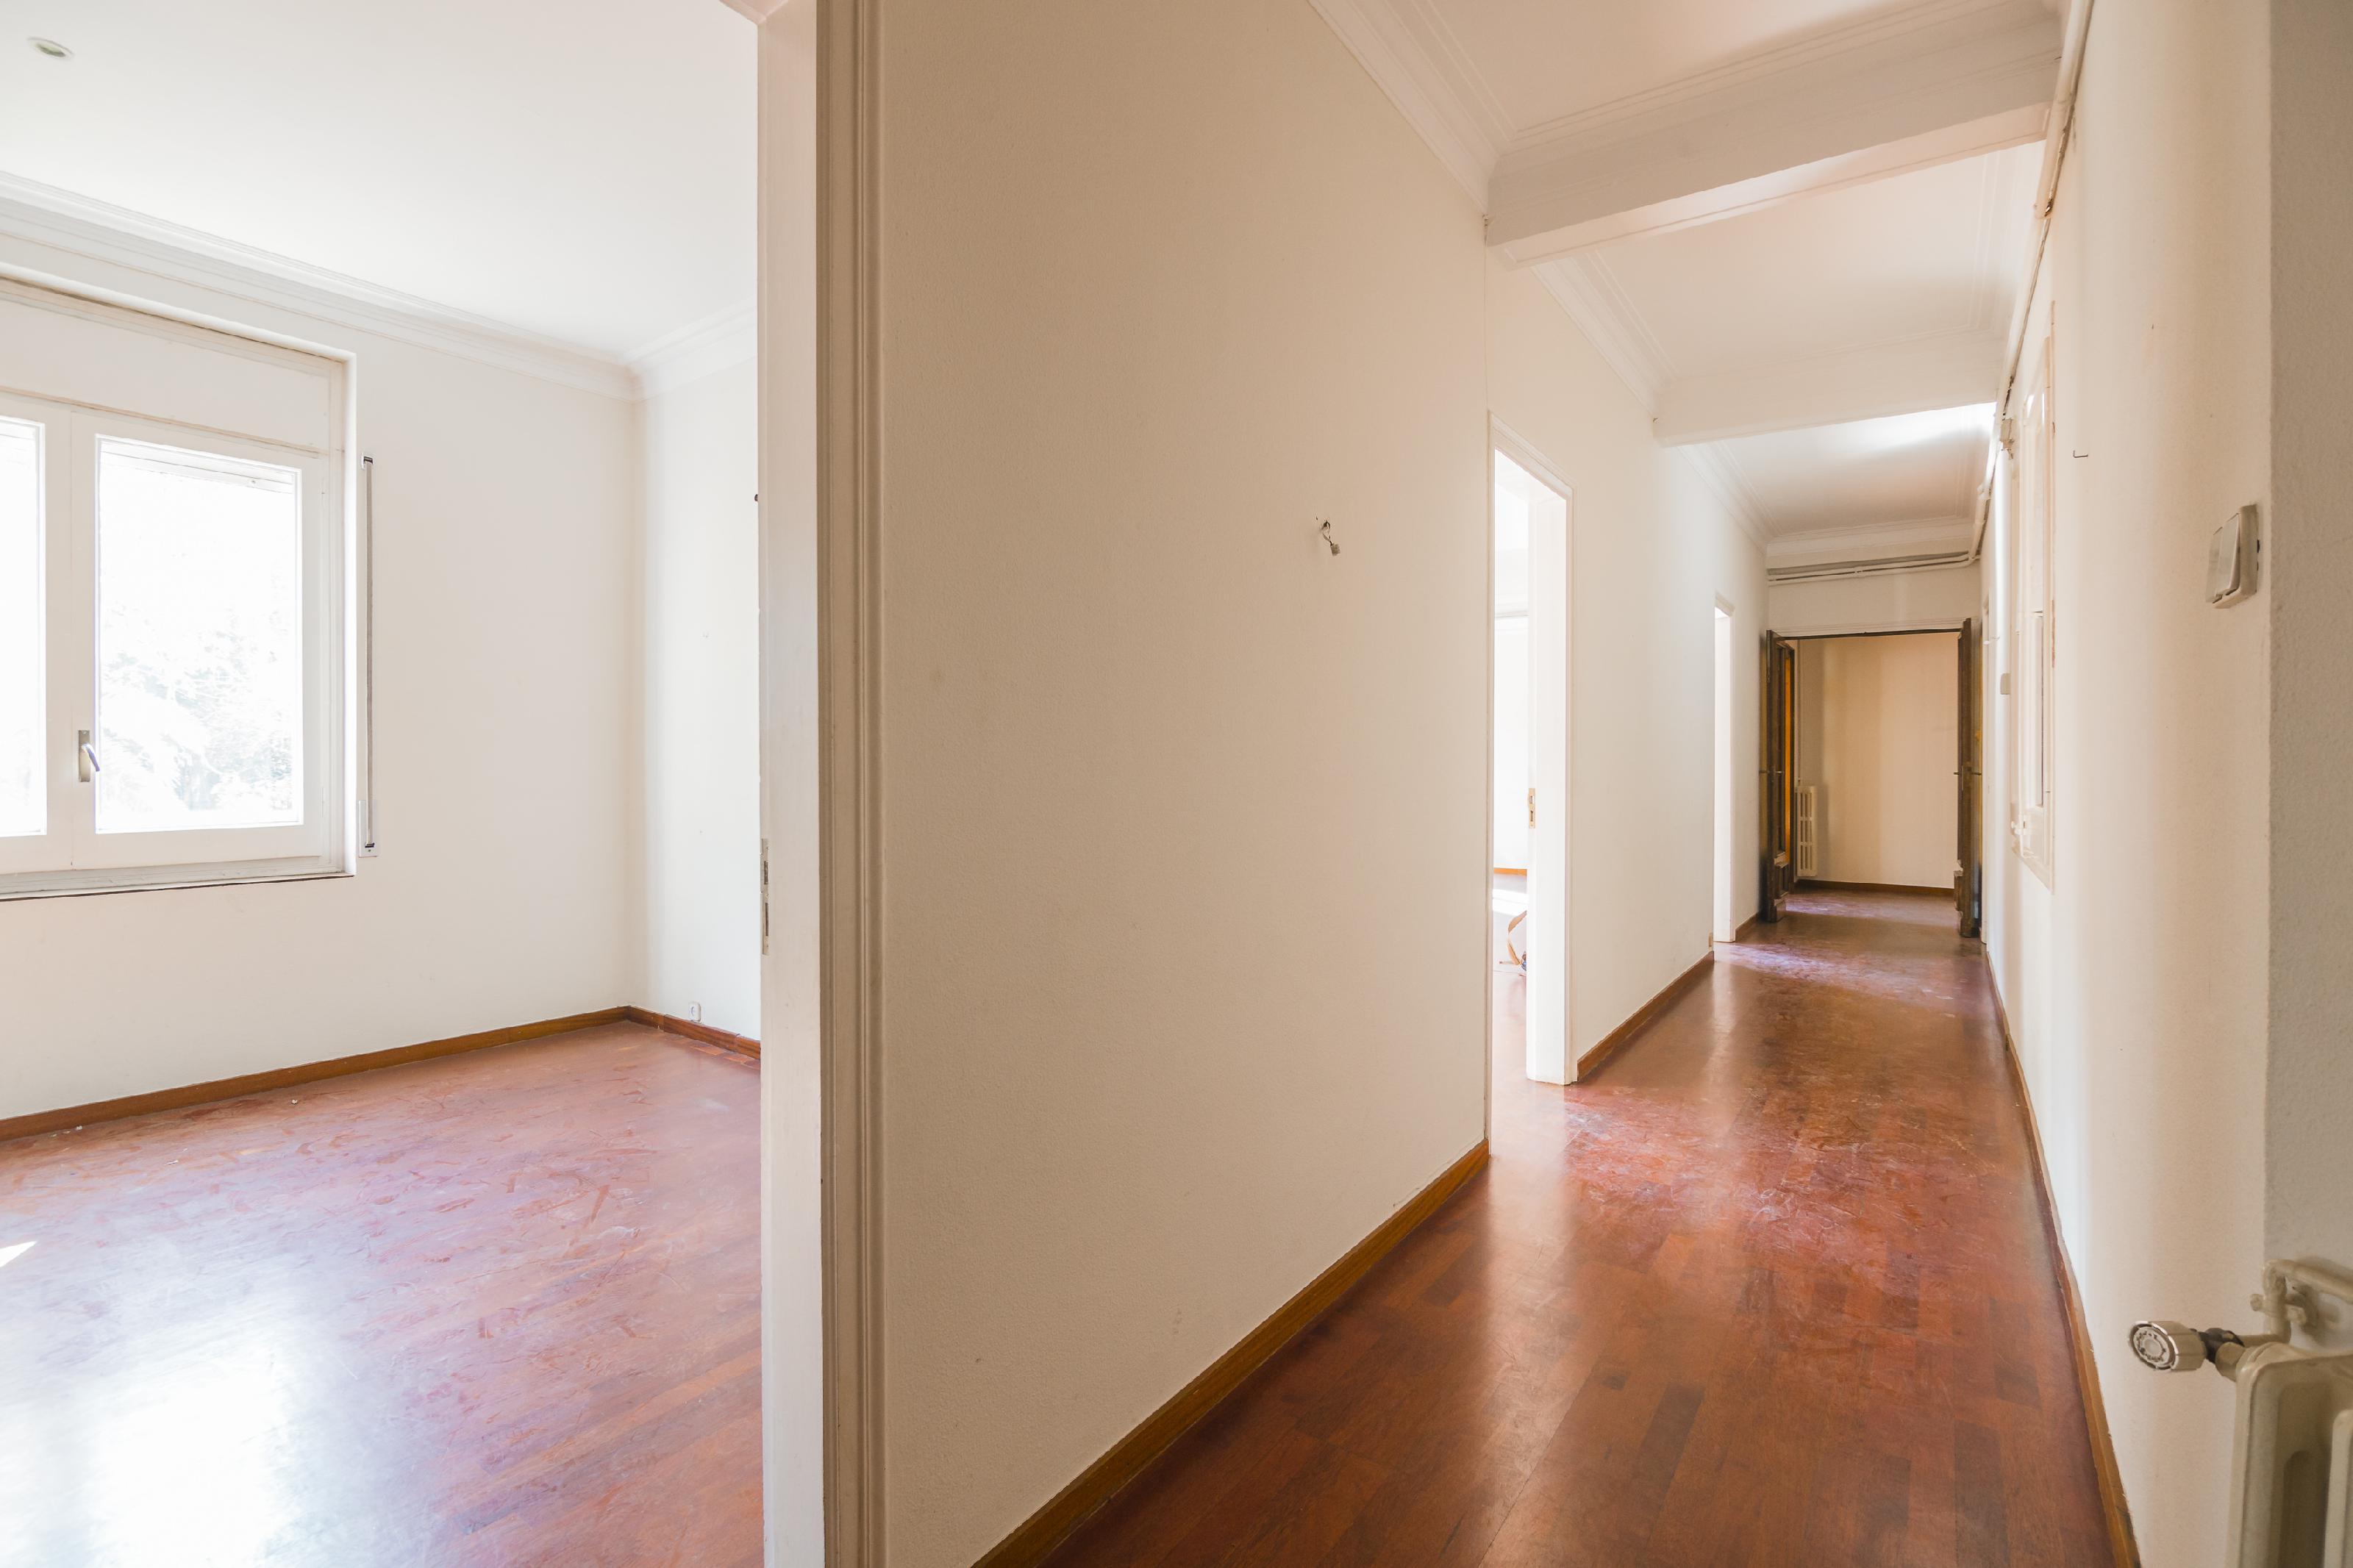 246347 Flat for sale in Sarrià-Sant Gervasi, St. Gervasi-Bonanova 4